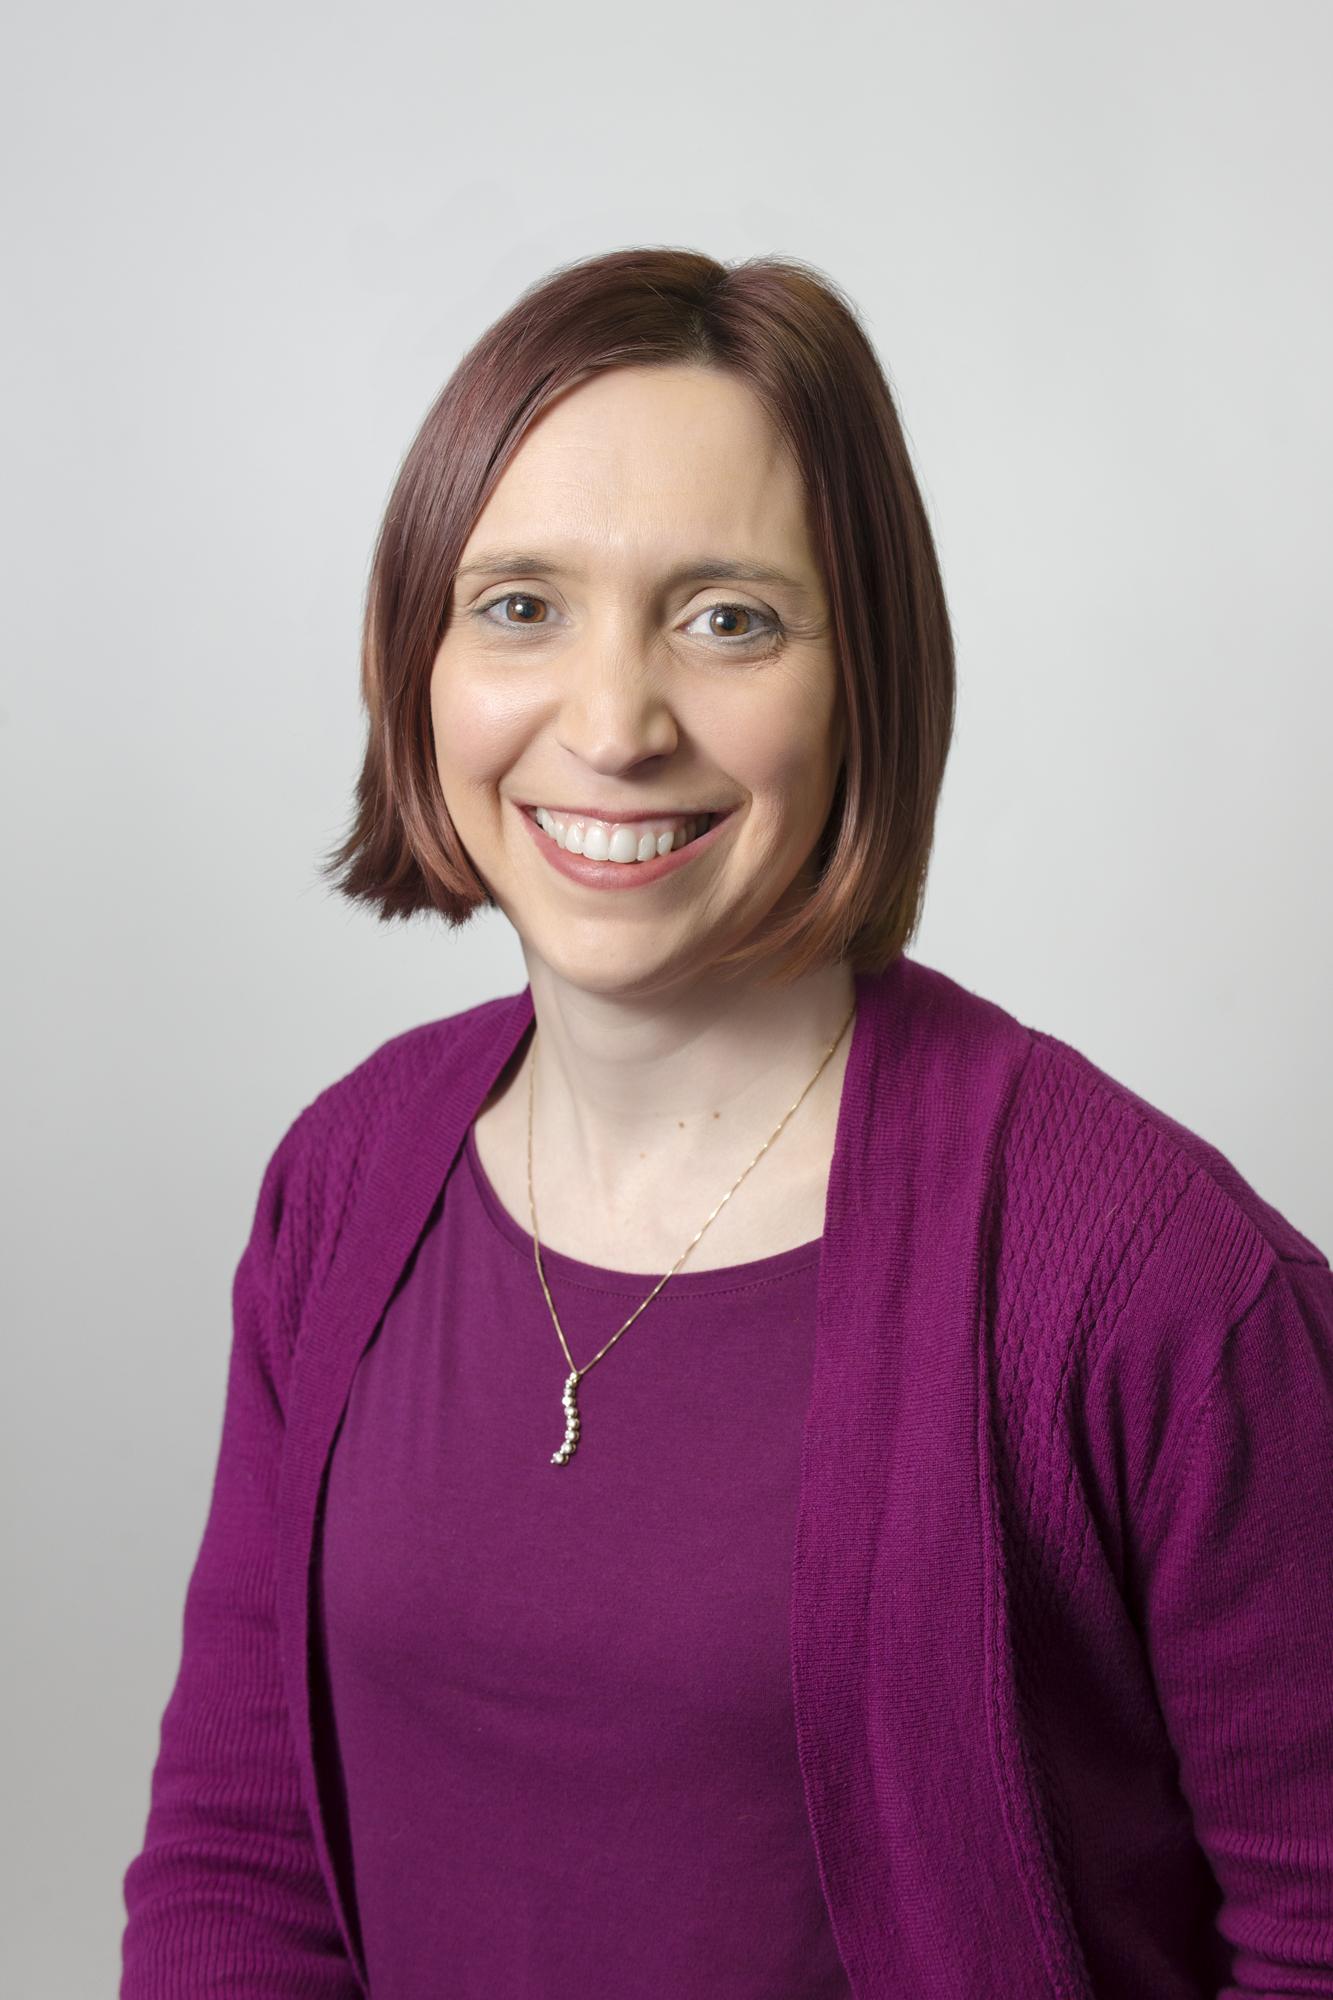 Barbara Dice, MS, CCC-SLP Speech Pathologist